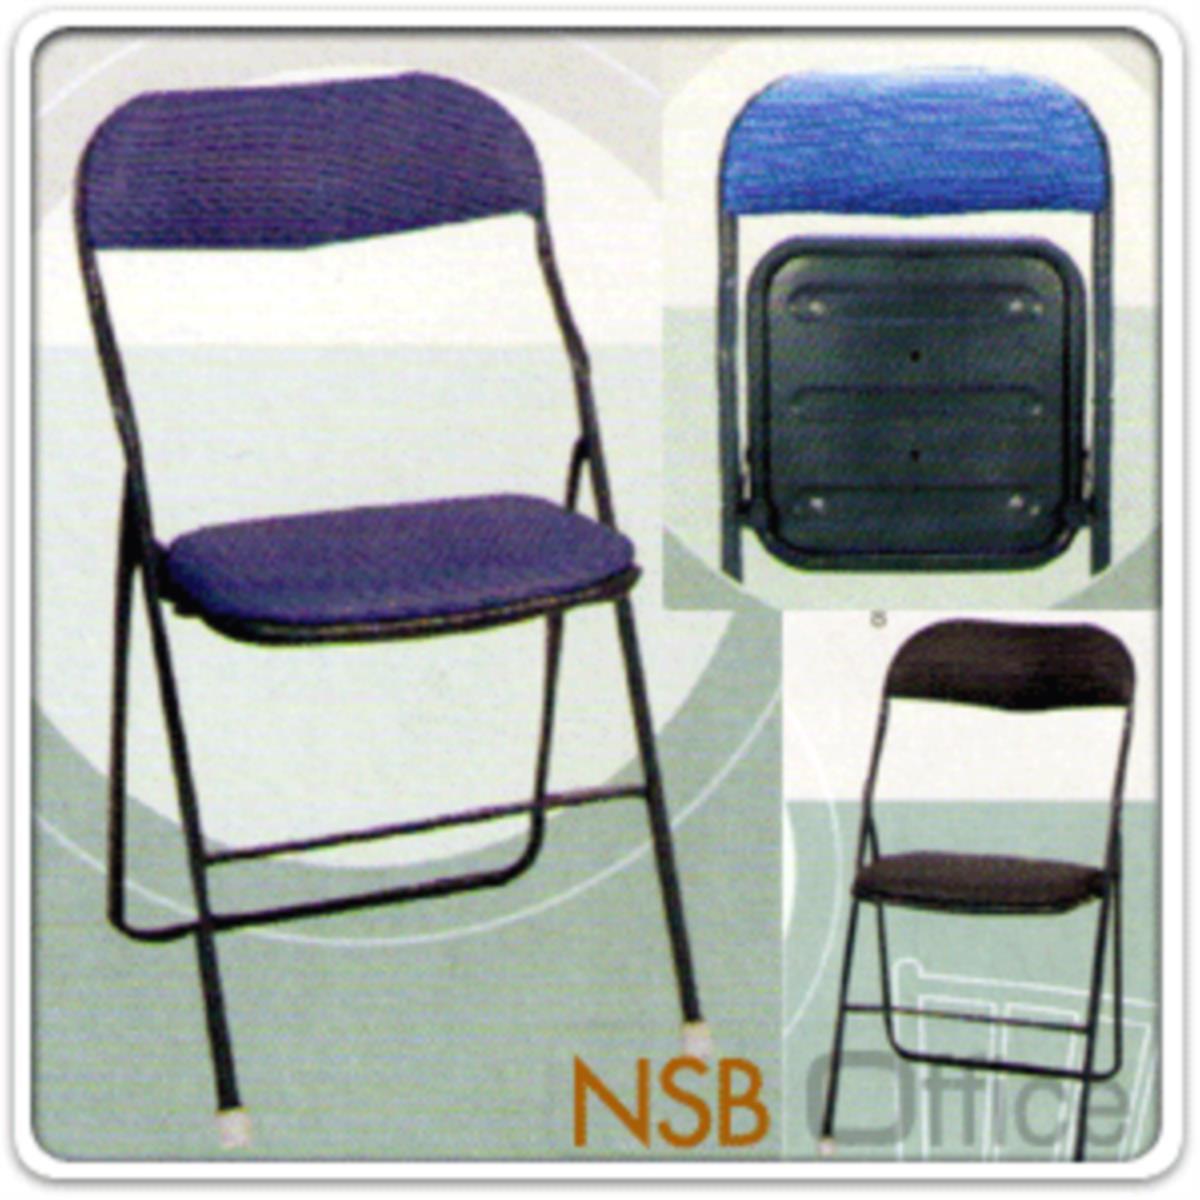 เก้าอี้พับที่นั่งหุ้มเบาะหนัง รุ่น Luciana (ลูเซียน่า) ขาเหล็กพ่นสีดำ